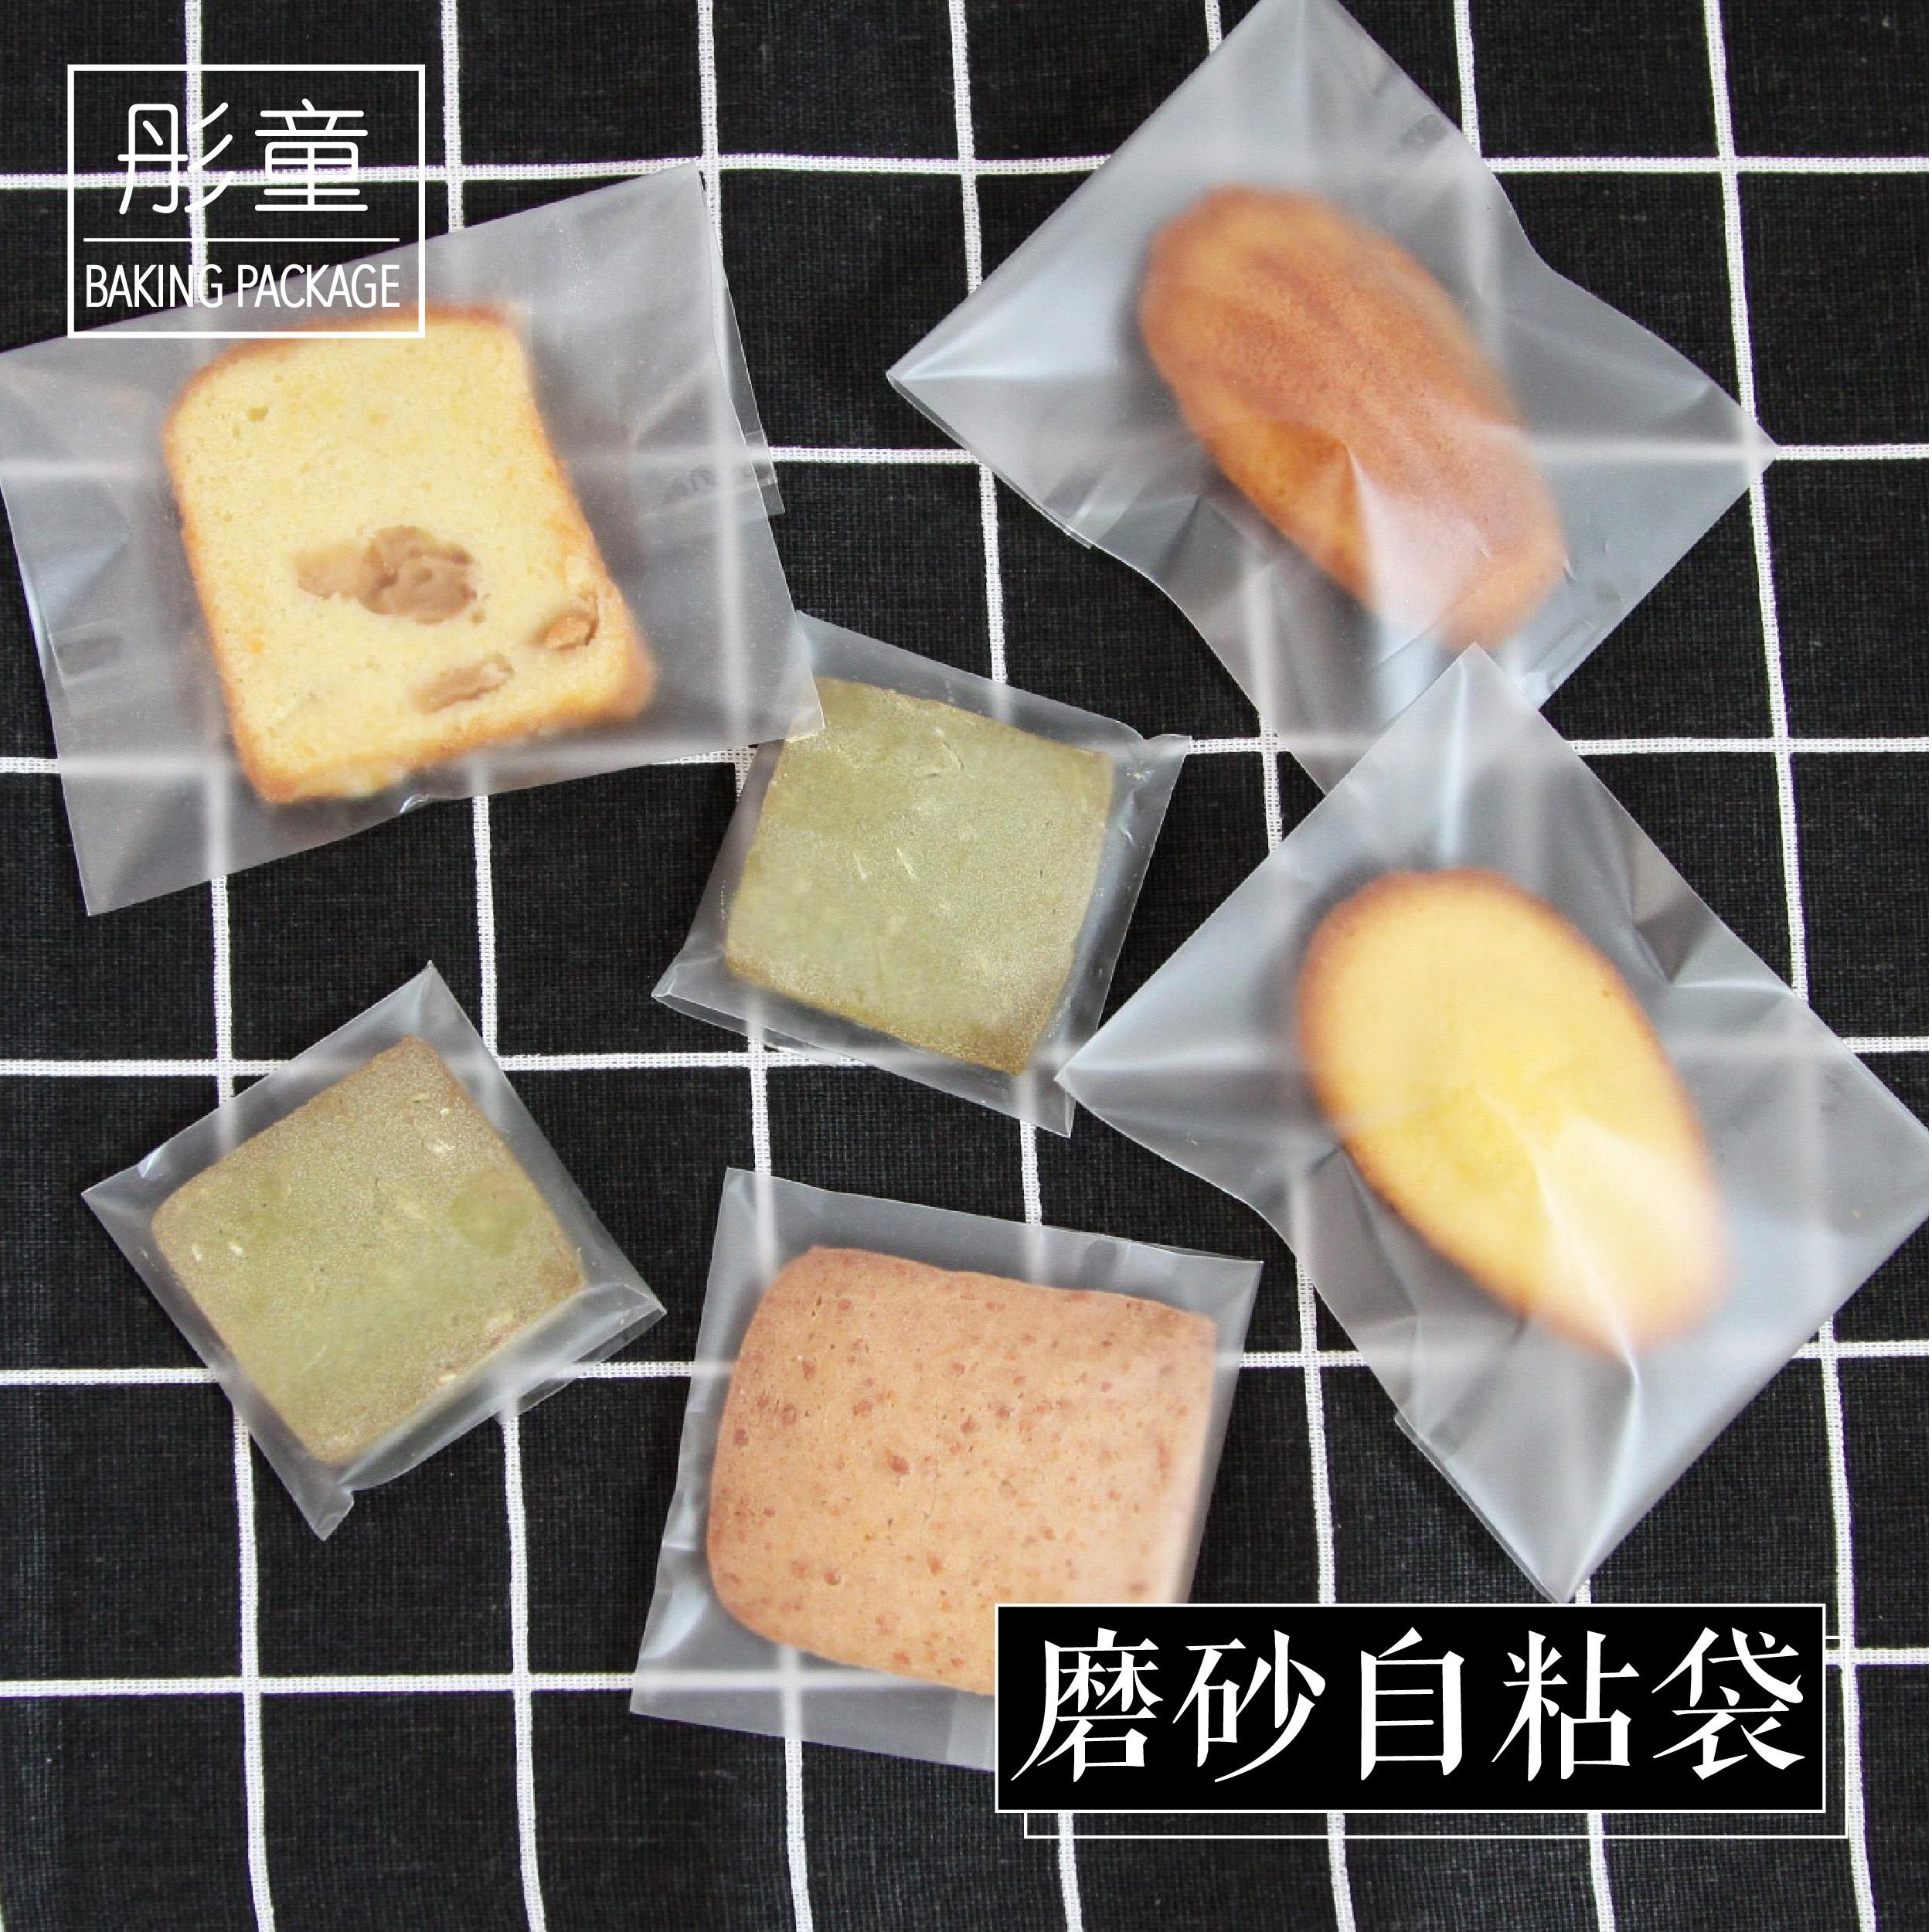 Скраб самозваный печенье мешок месяц пирог звезда упаковка мешок полупрозрачная 10*10+3cm 100 только